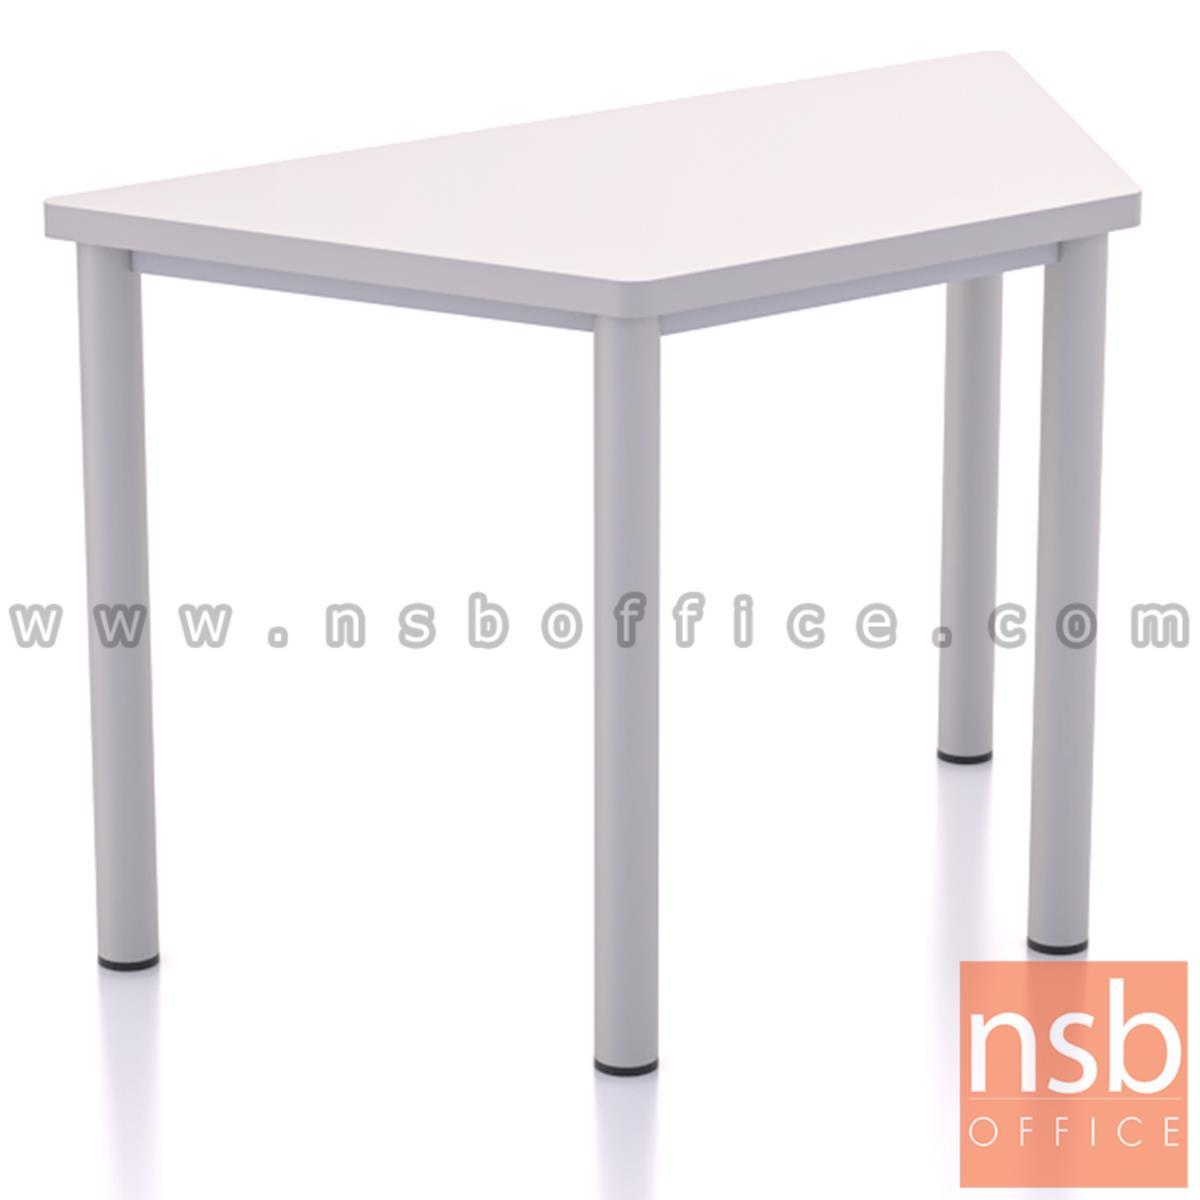 B30A061:โต๊ะทำงานทรงคางหมู รุ่น Mulrey (มัลเรย์) ขนาด 120W cm.  โครงขาสีขาว (ราคาต่อตัว)